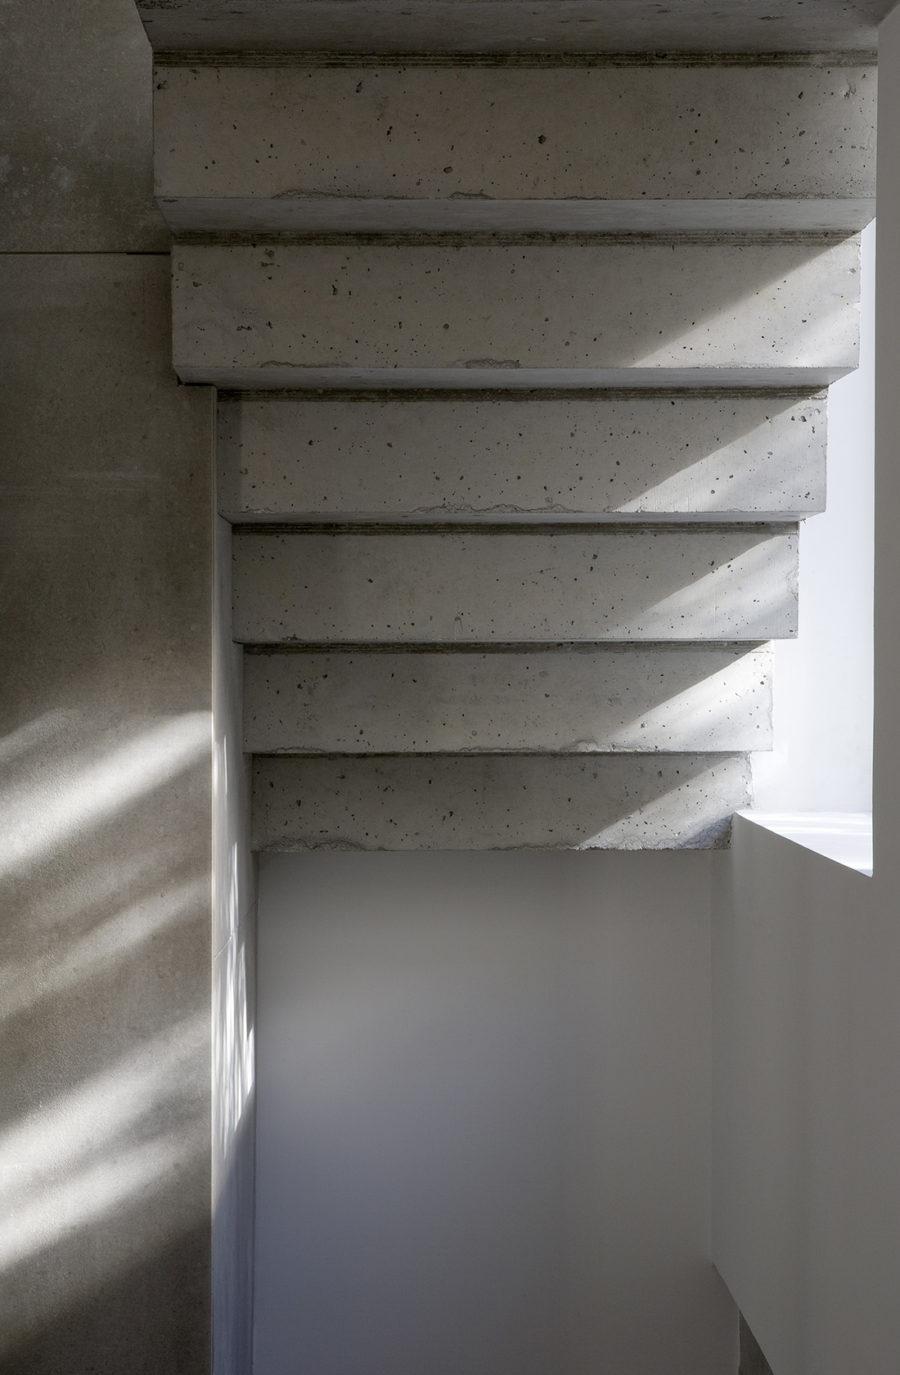 Detalle de la escalera de hormigón doble peldañeada, sede ÁBATON Arquitectura